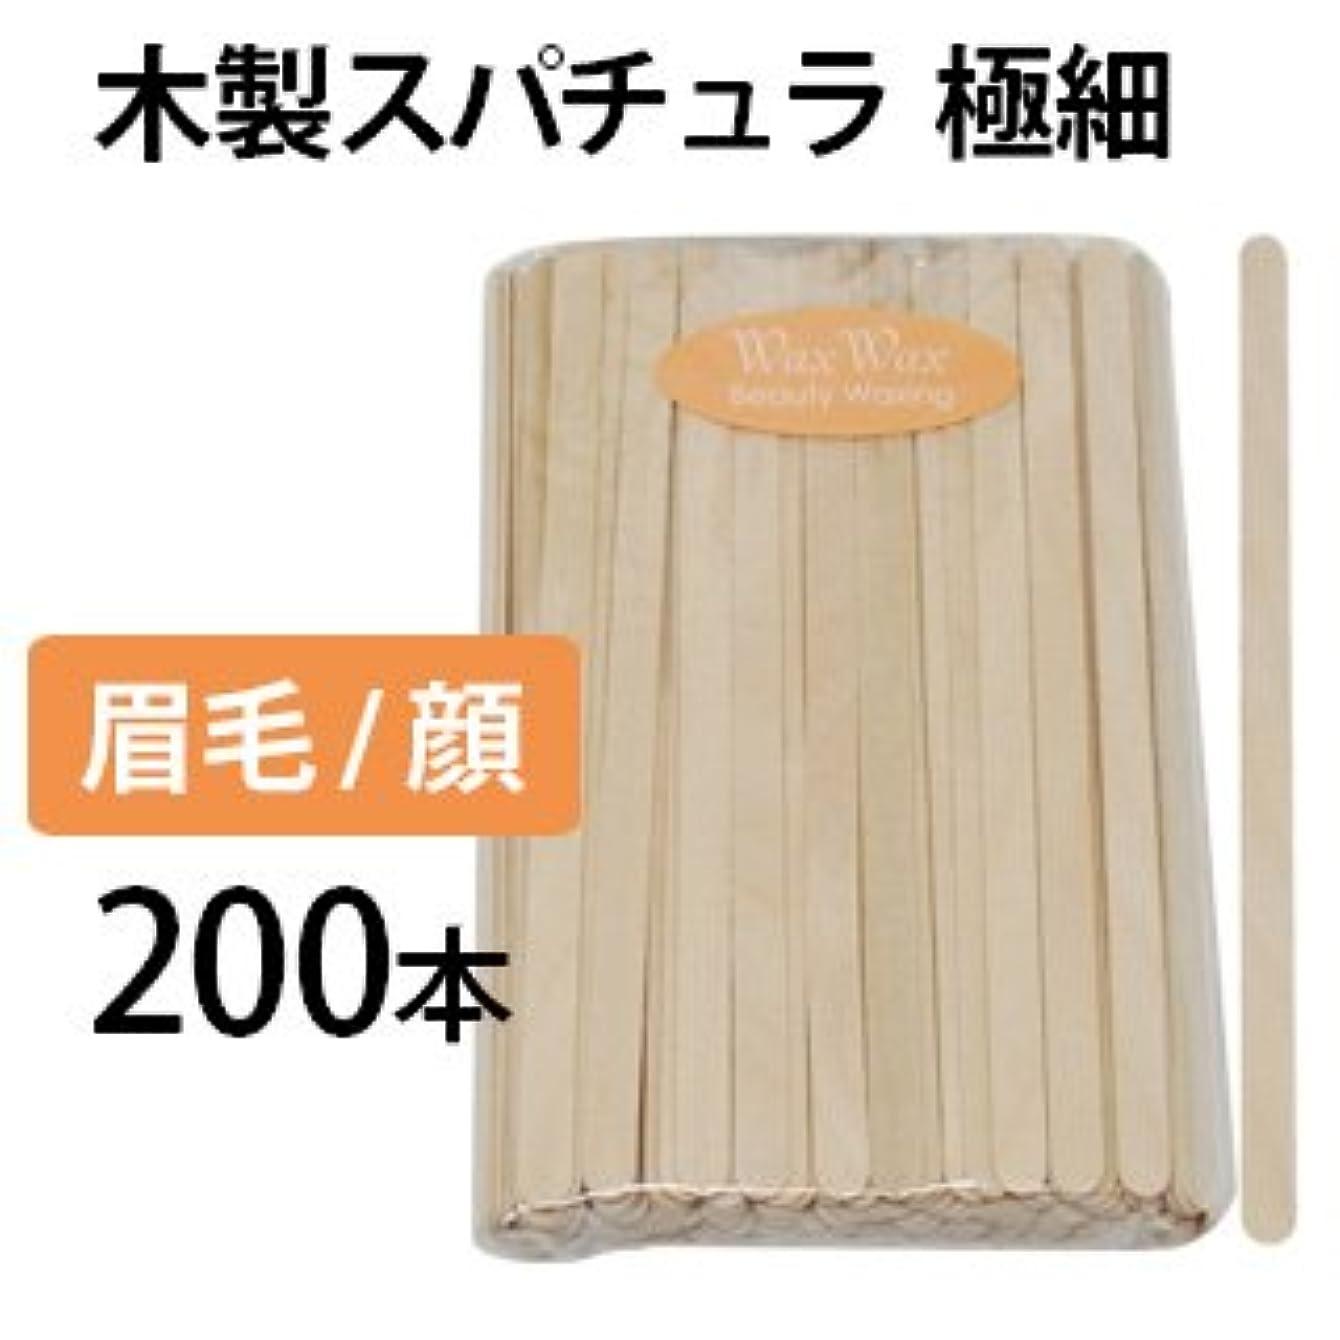 乳四回ペパーミント眉毛 アイブロウ用スパチュラ 200本セット 極細 木製スパチュラ 使い捨て